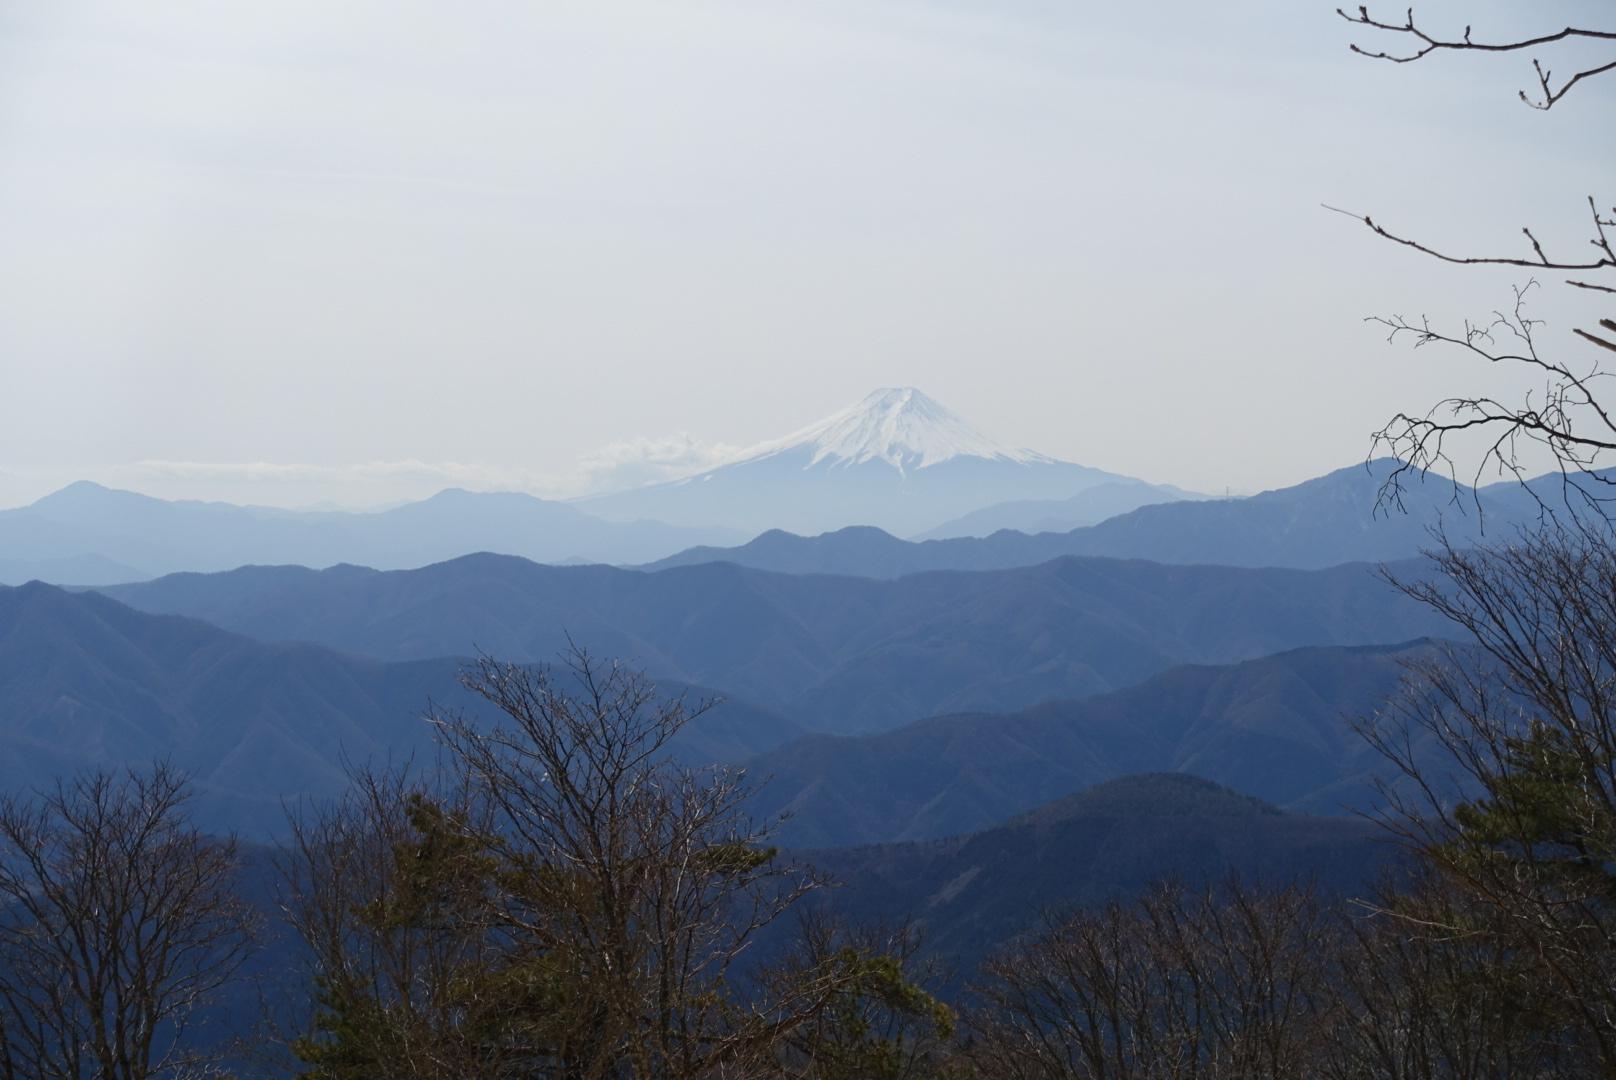 晴天の鷹の巣山。_a0138134_14480390.jpeg